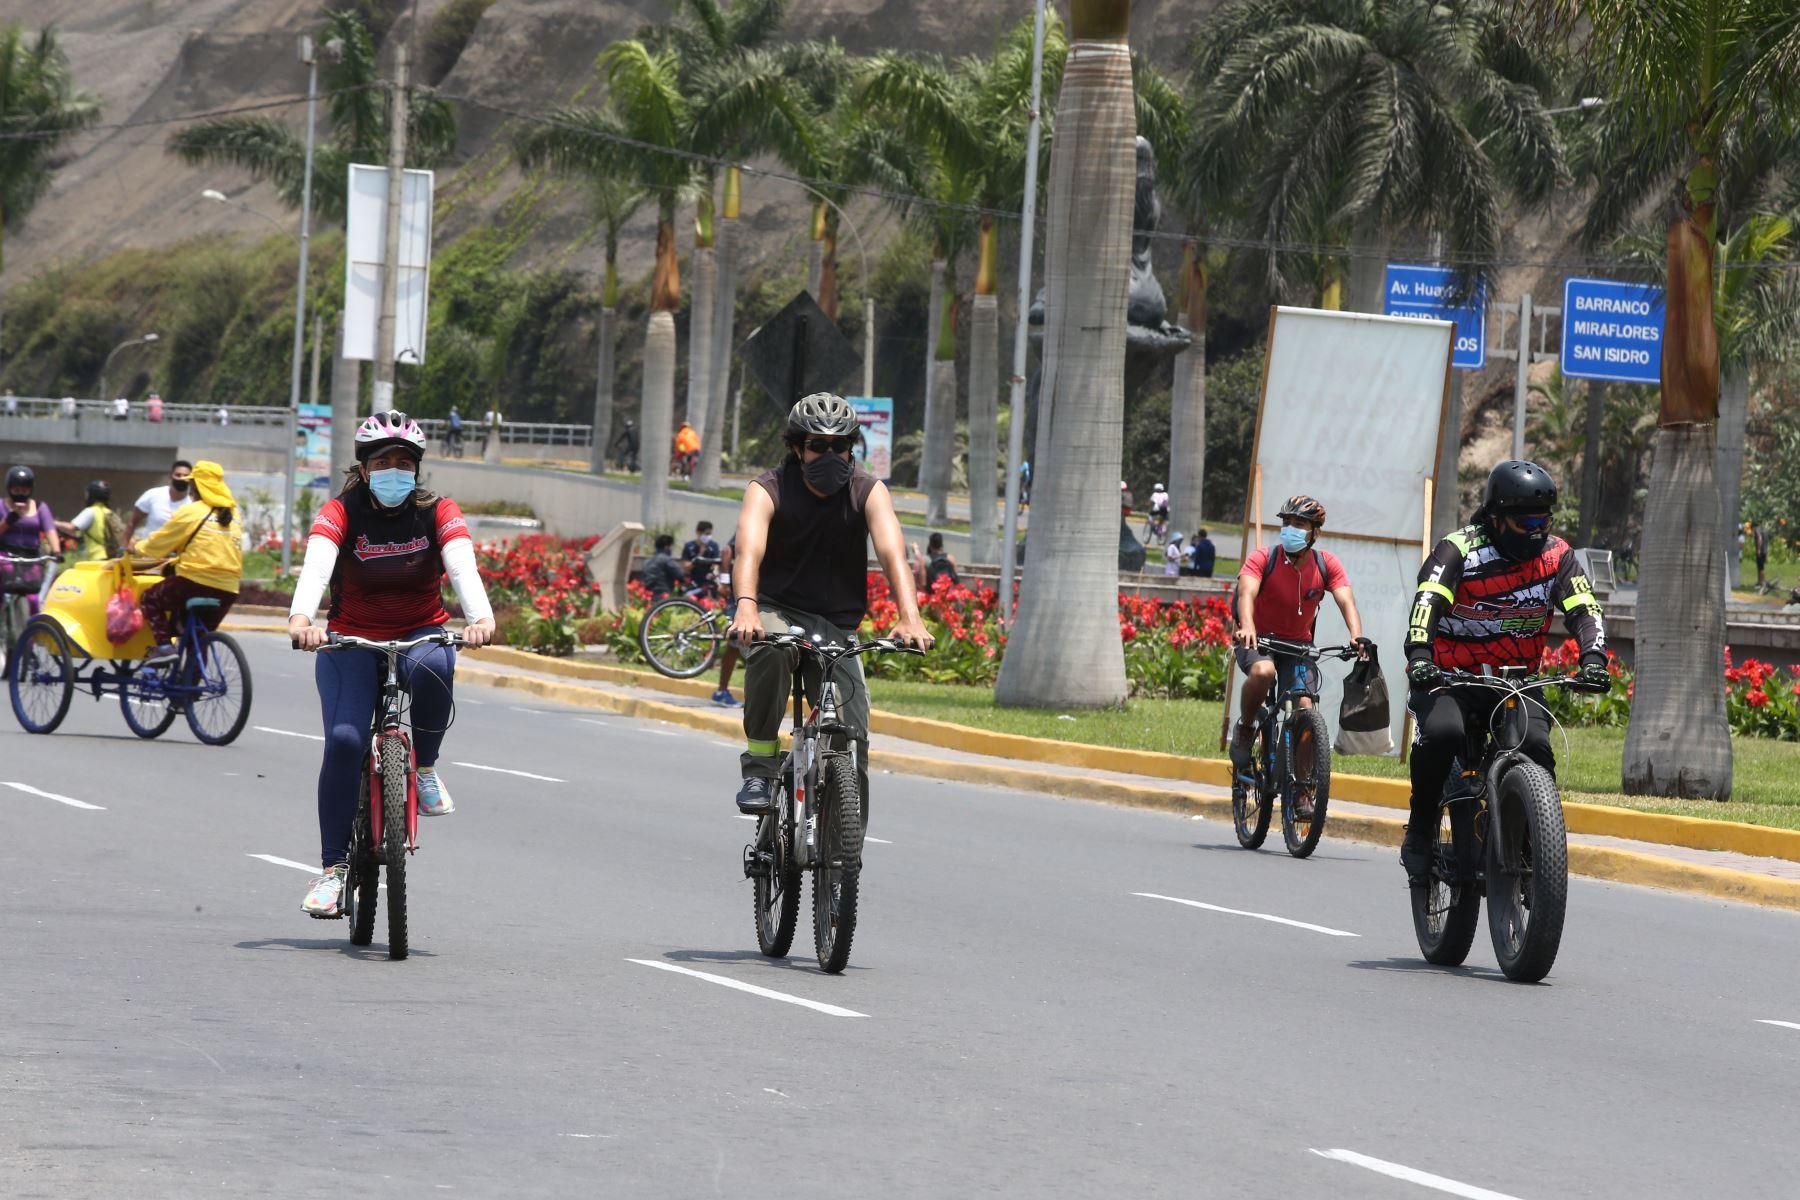 Ciudadanos circulan  a pie o en bicicletas u otros vehículos no motorizados por la Costa Verde. Hoy domingo no pueden circular vehículos particulares en Lima y Callao, pero los ciudadanos pueden desplazarse, siempre y cuando usen mascarilla y protector facial. Foto: ANDINA/Vidal Tarqui